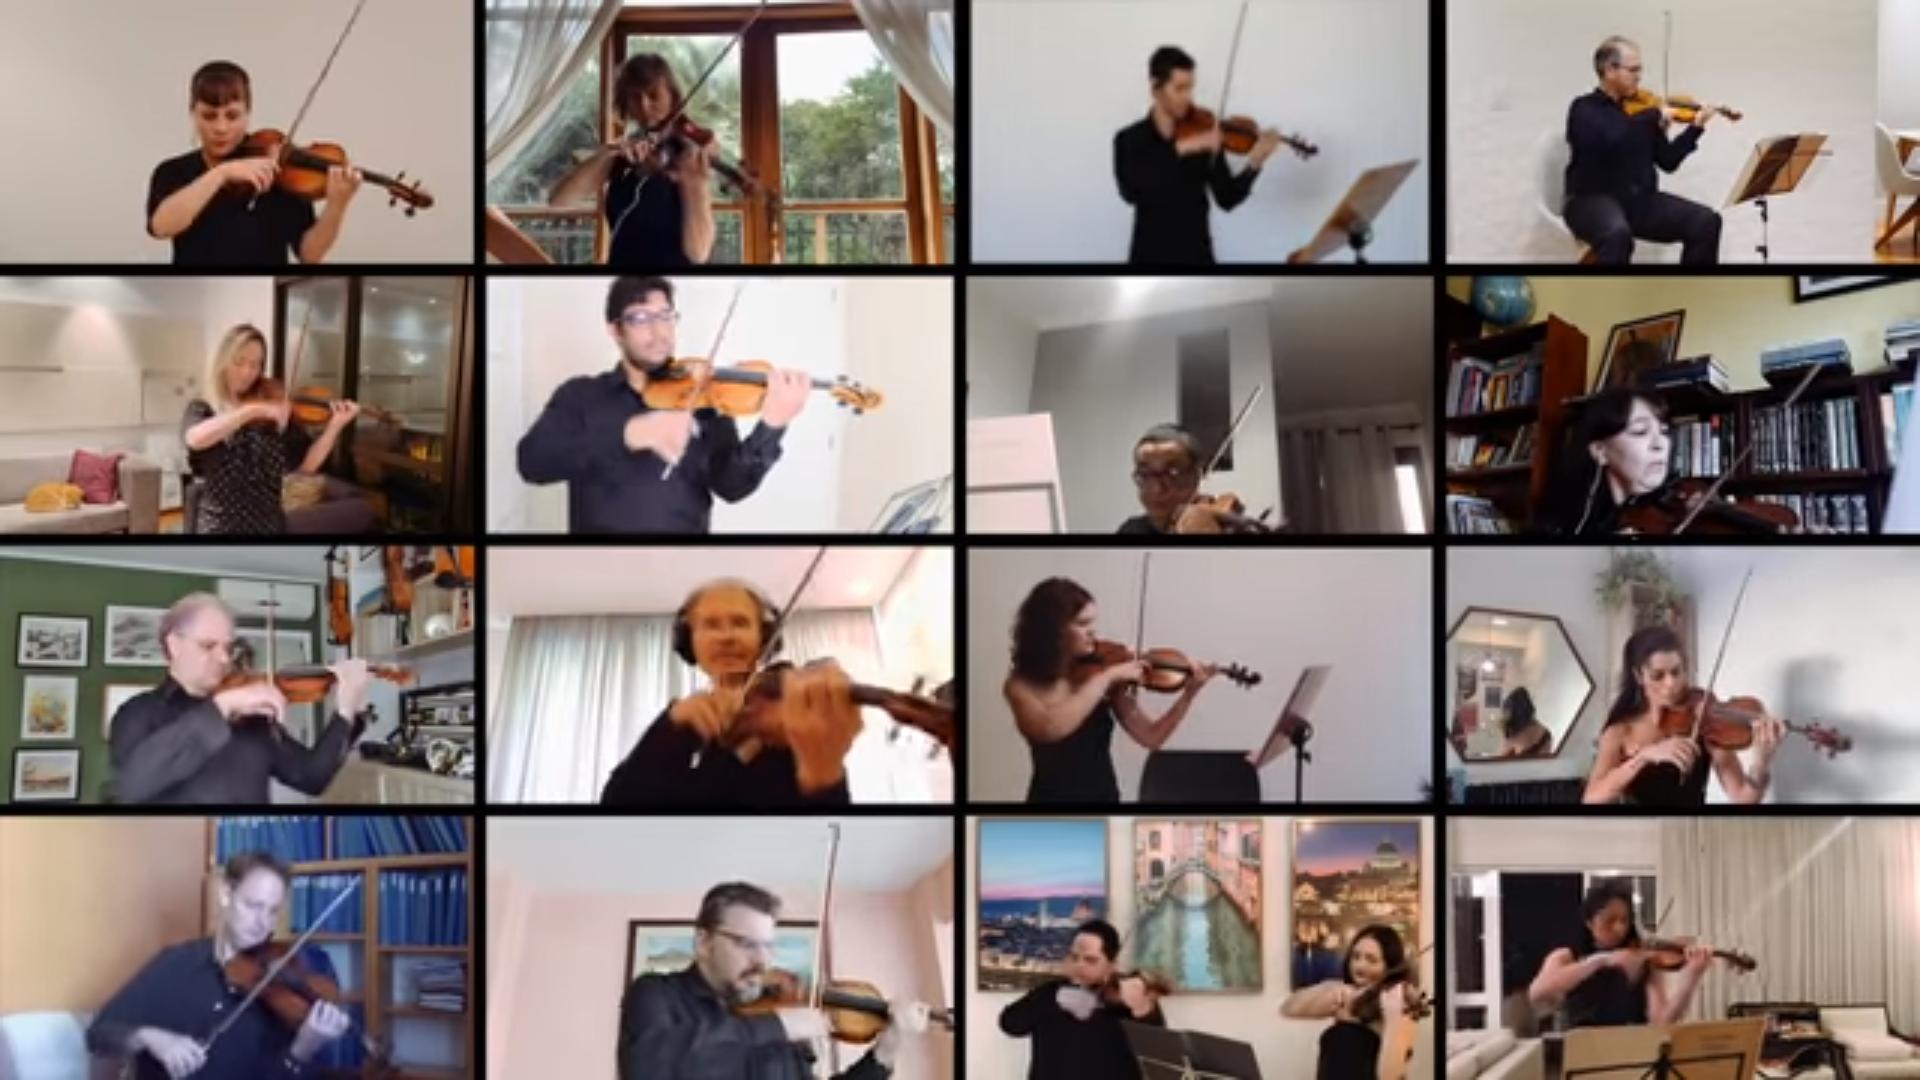 Orquestra Sinfônica do Estado de SP reúne músicos em vídeo com apresentação de obra de Villa-Lobos